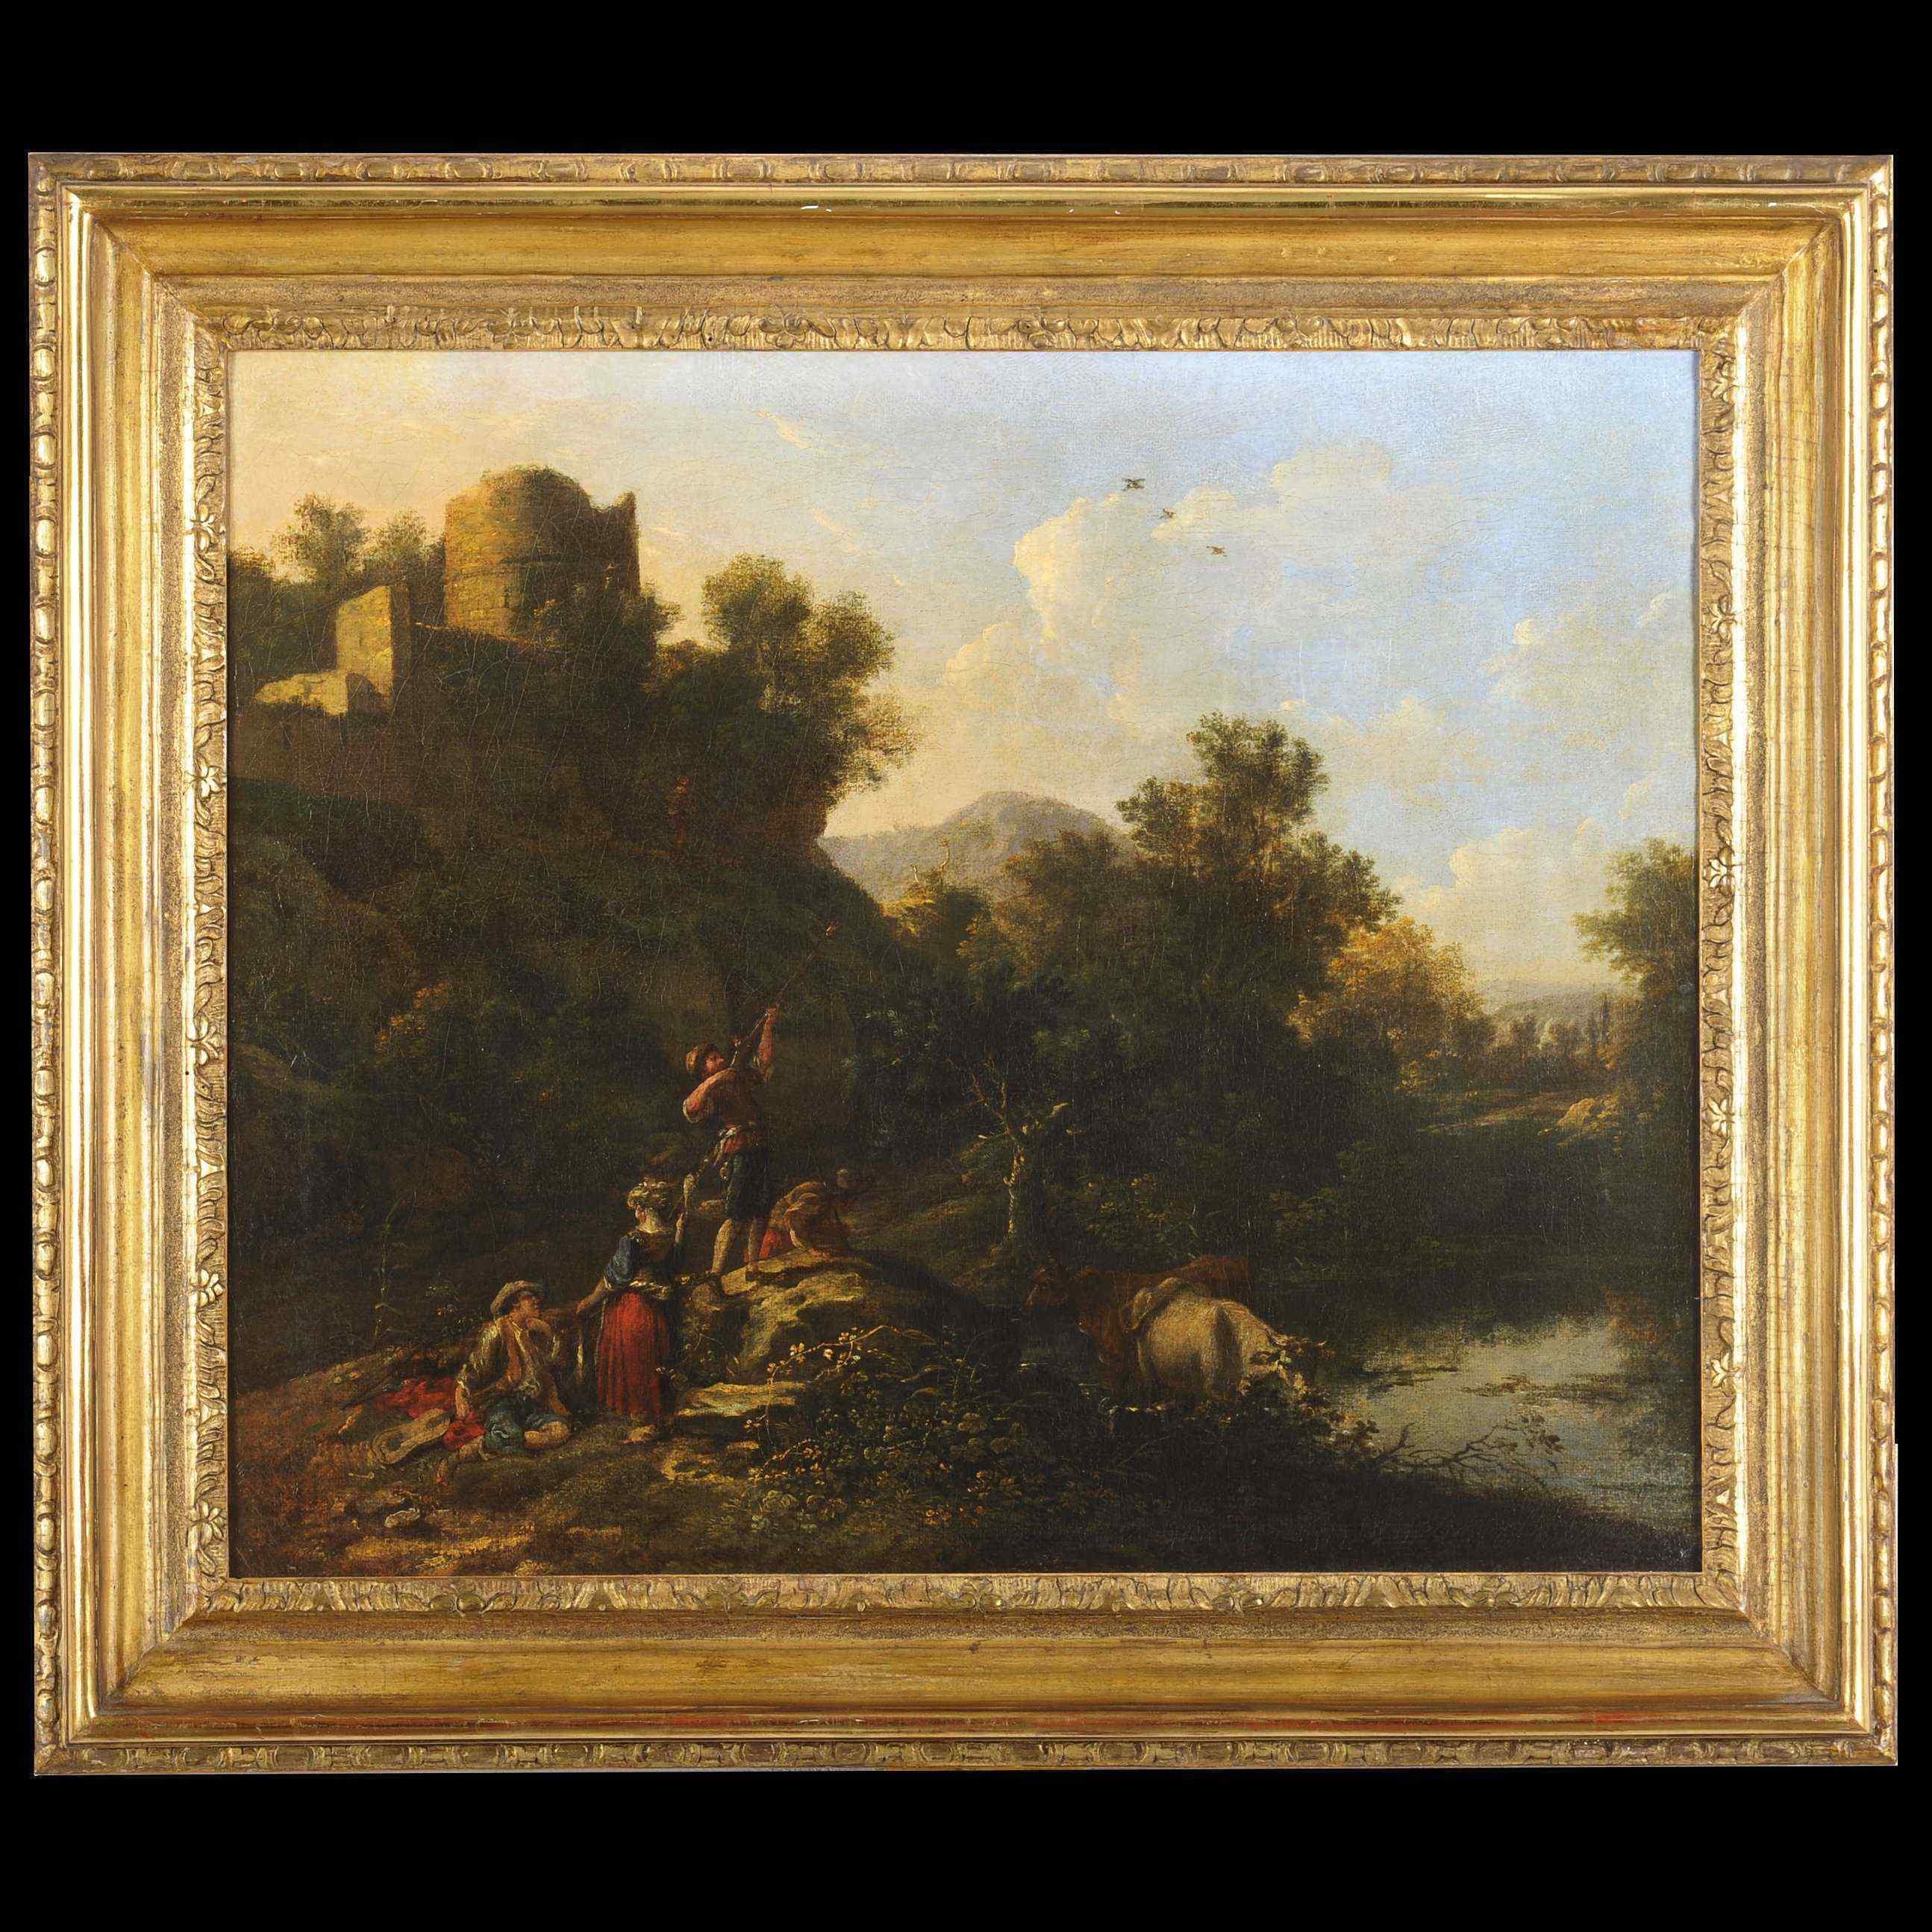 Пейзаж с охотниками - французская школа возле 1730